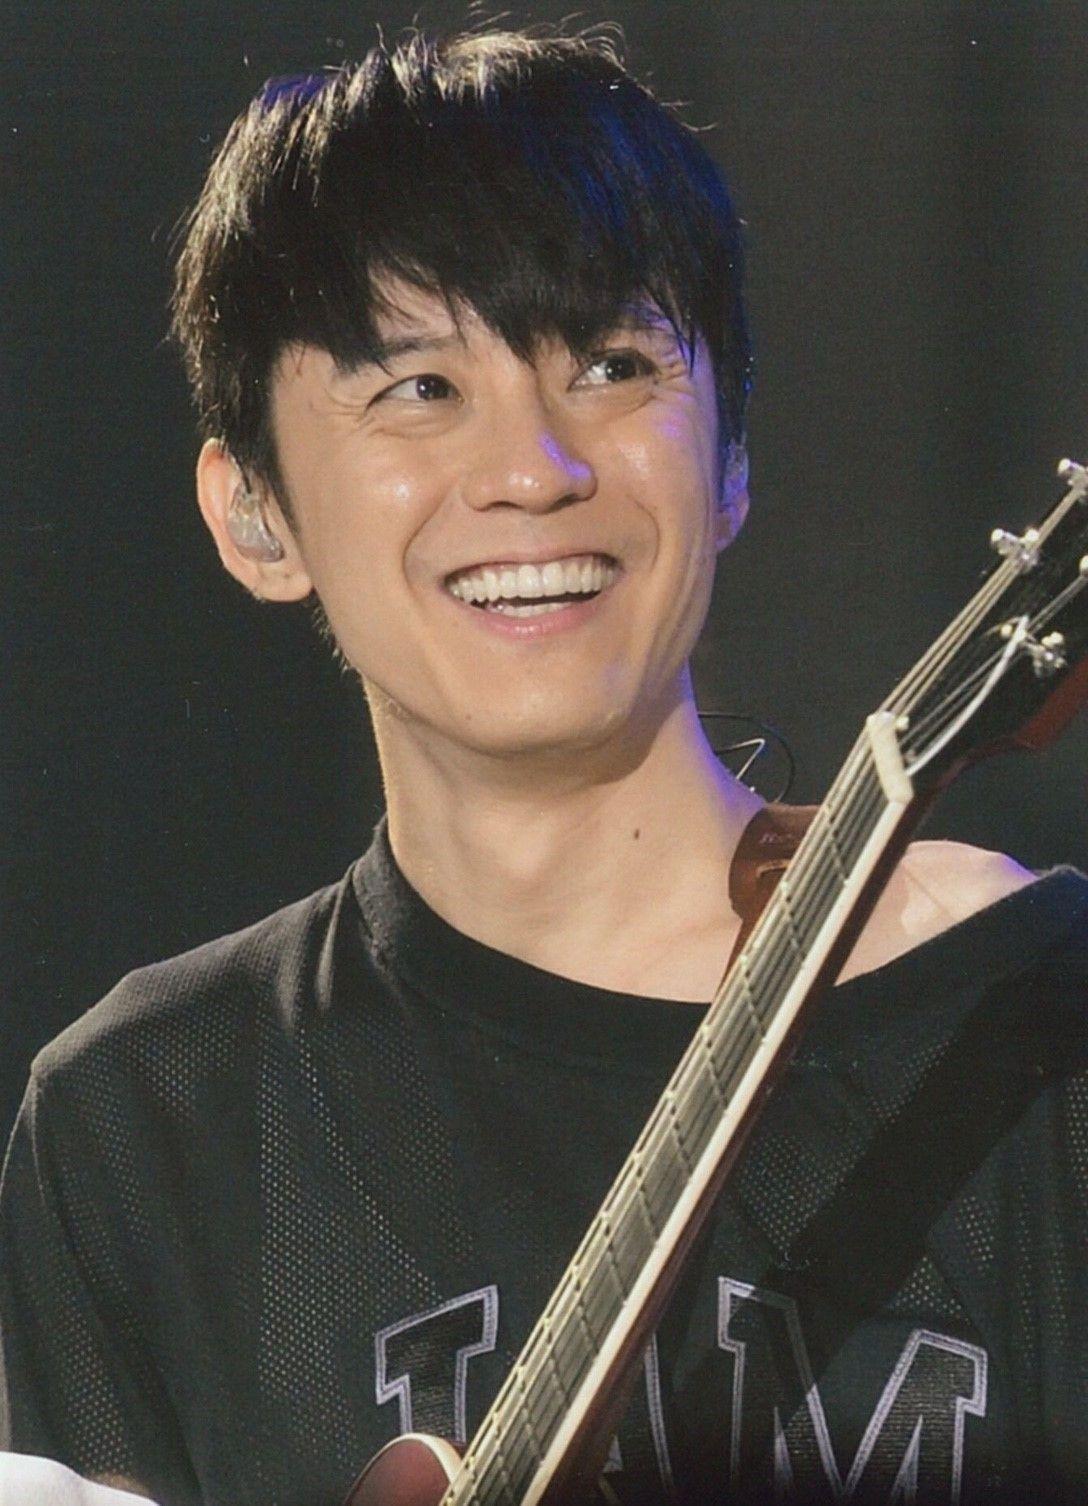 ギター渋谷すばる